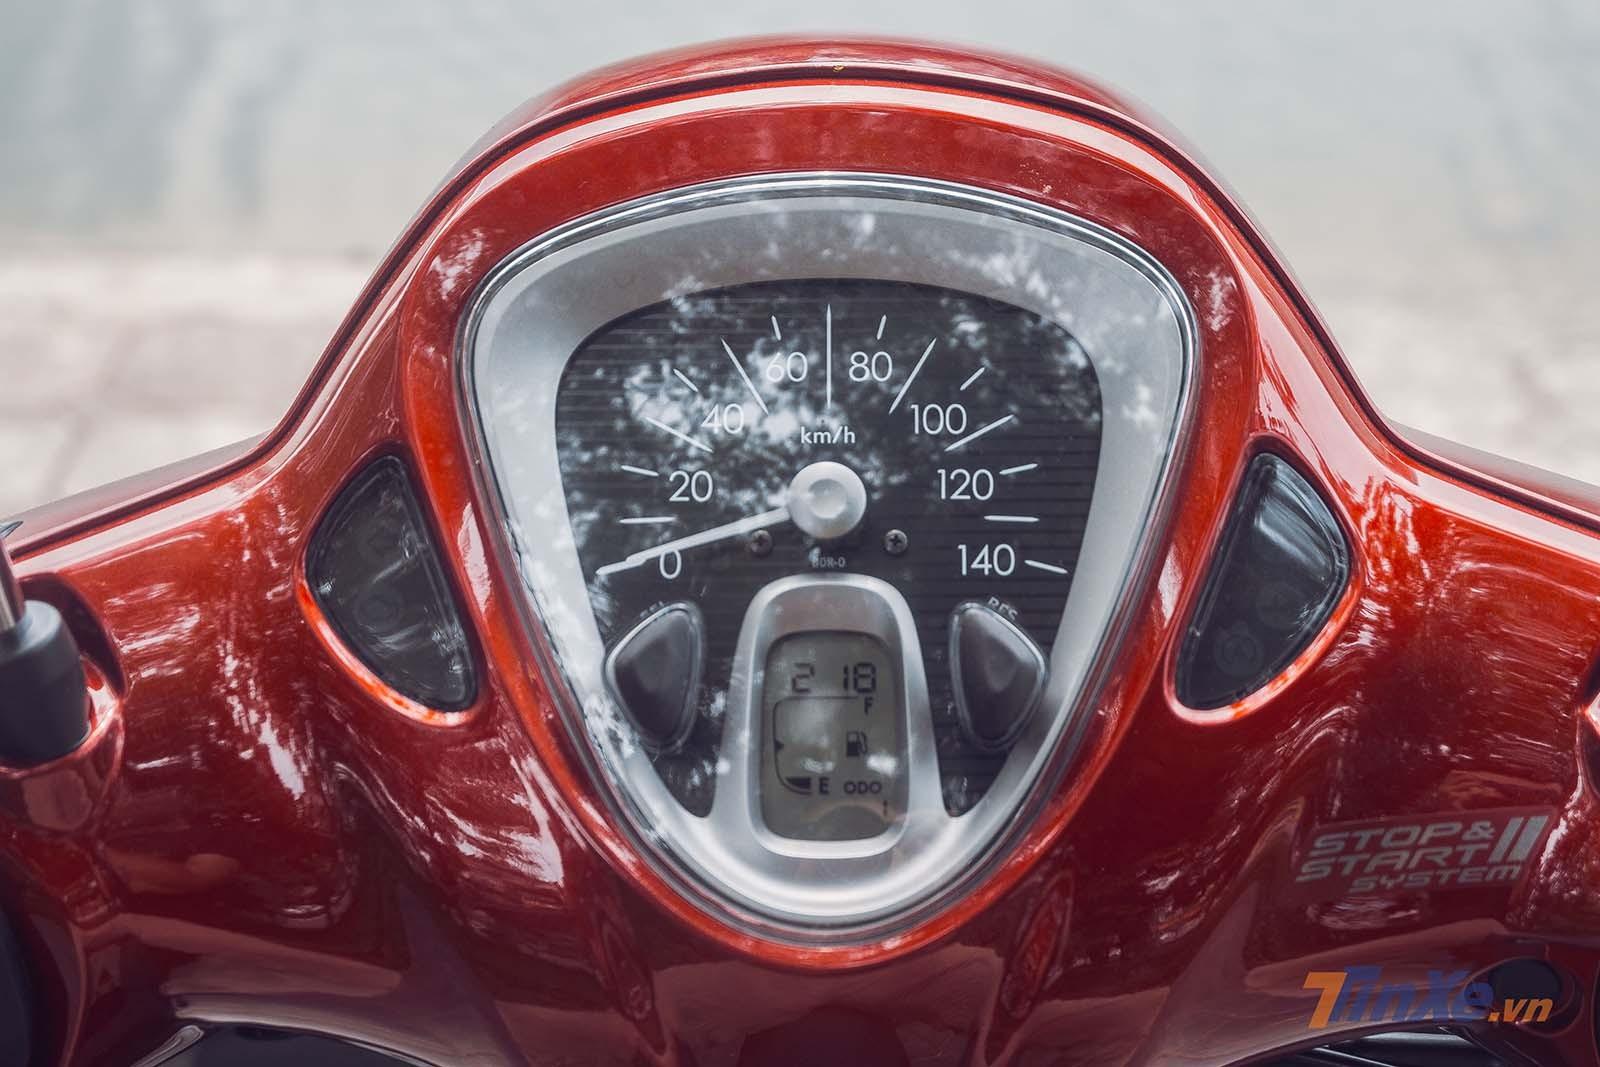 Đồng hồ kết hợp công nghệ analog và kỹ thuật số